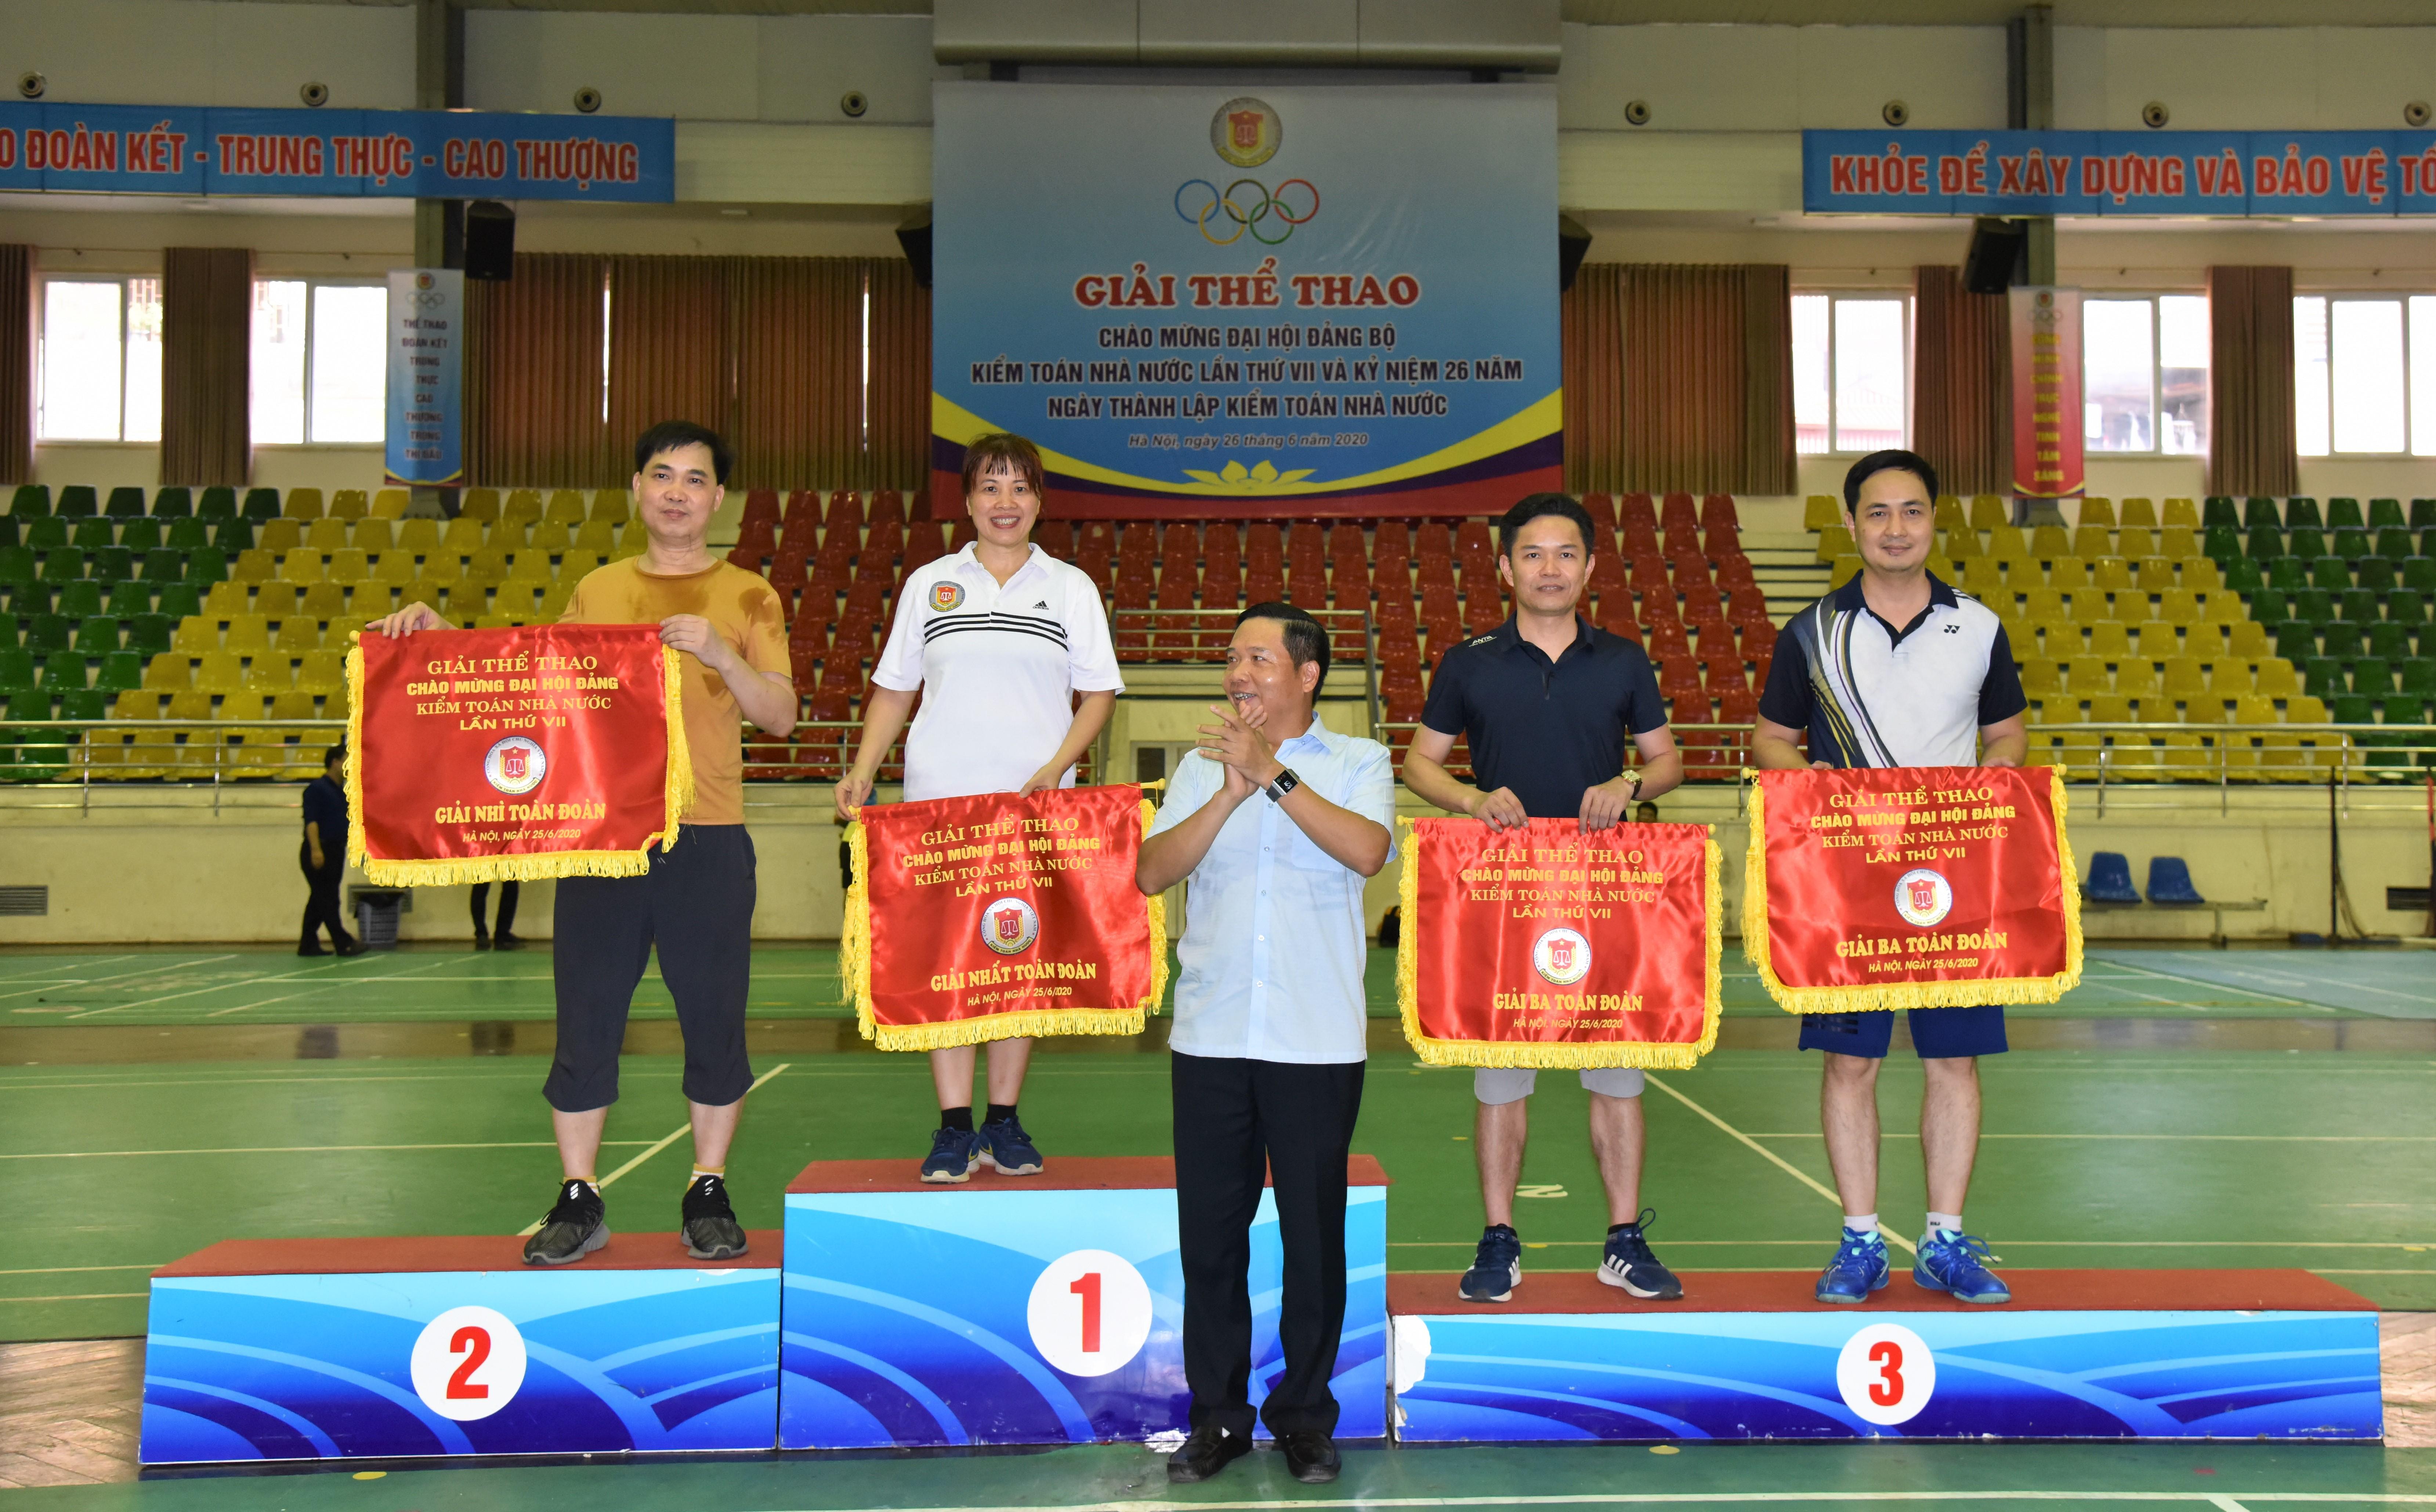 Giải thể thao chào mừng kỷ niệm 26 năm Ngày thành lập KTNN và Đại hội Đảng bộ KTNN lần thứ VII thành công tốt đẹp